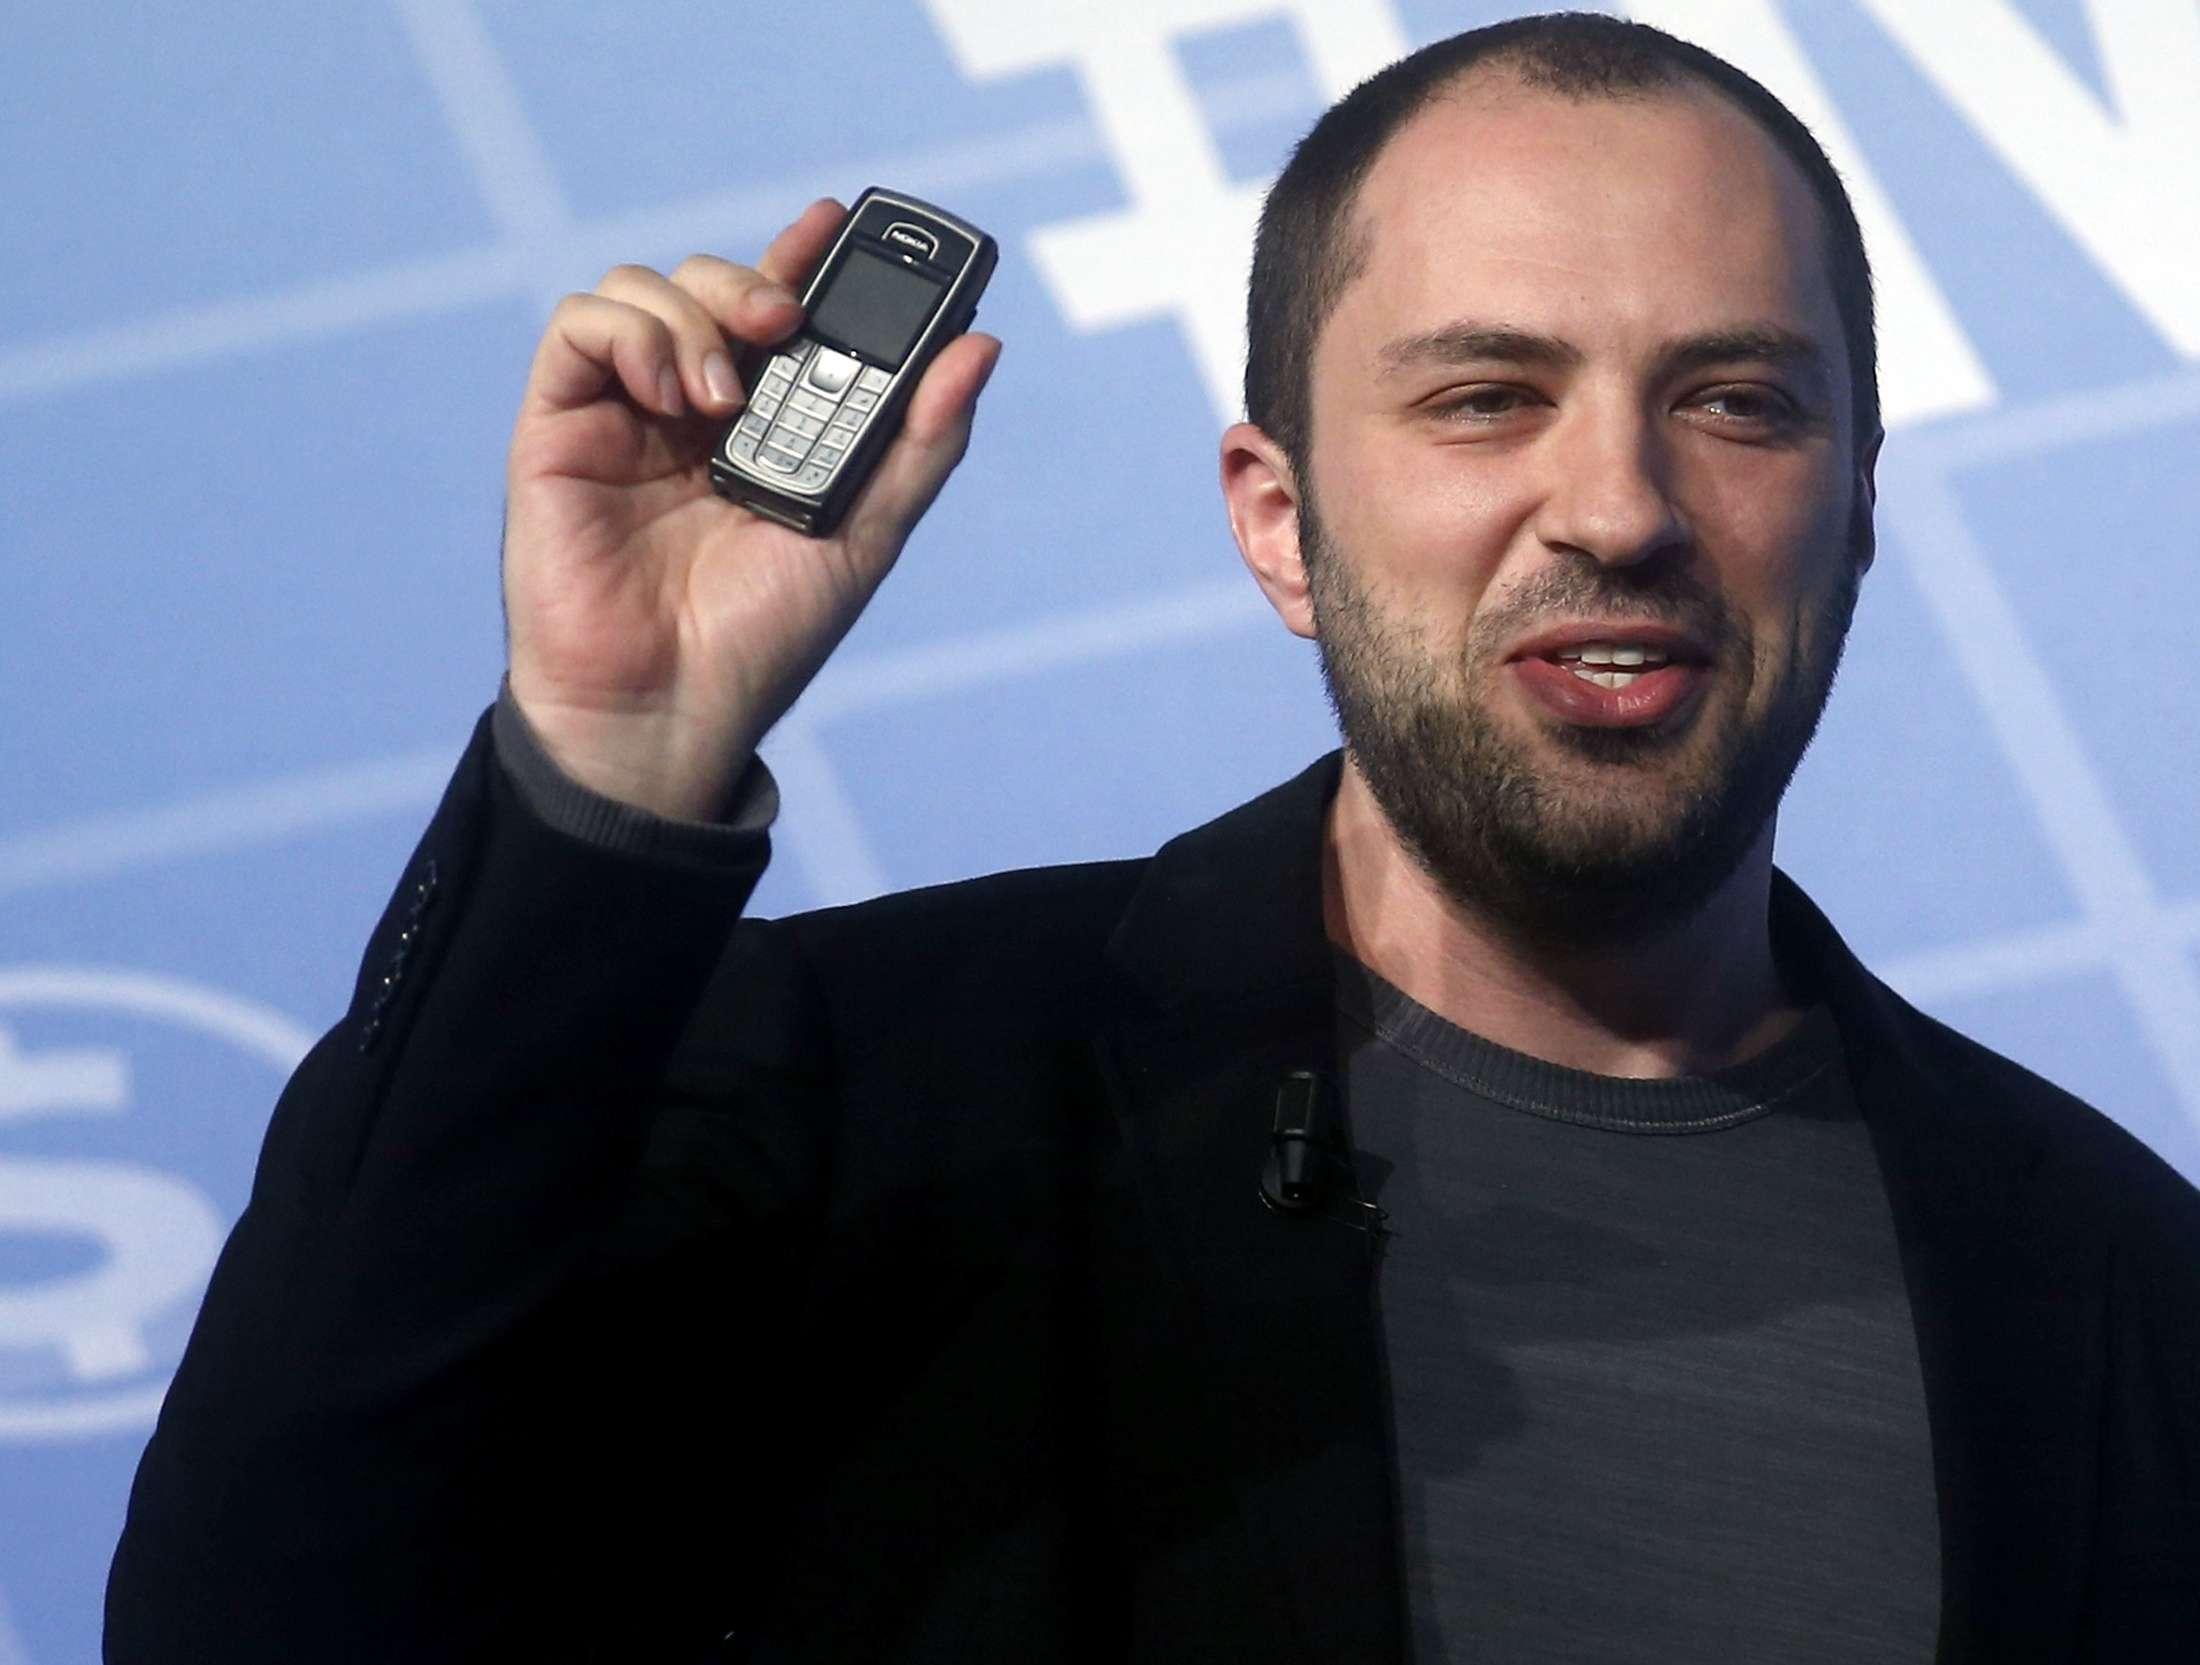 Em palestra, o fundador do WhatsApp Jan Koum anunciou que o aplicativo permitirá chamadas de voz no segundo semestre deste ano Foto: Reuters